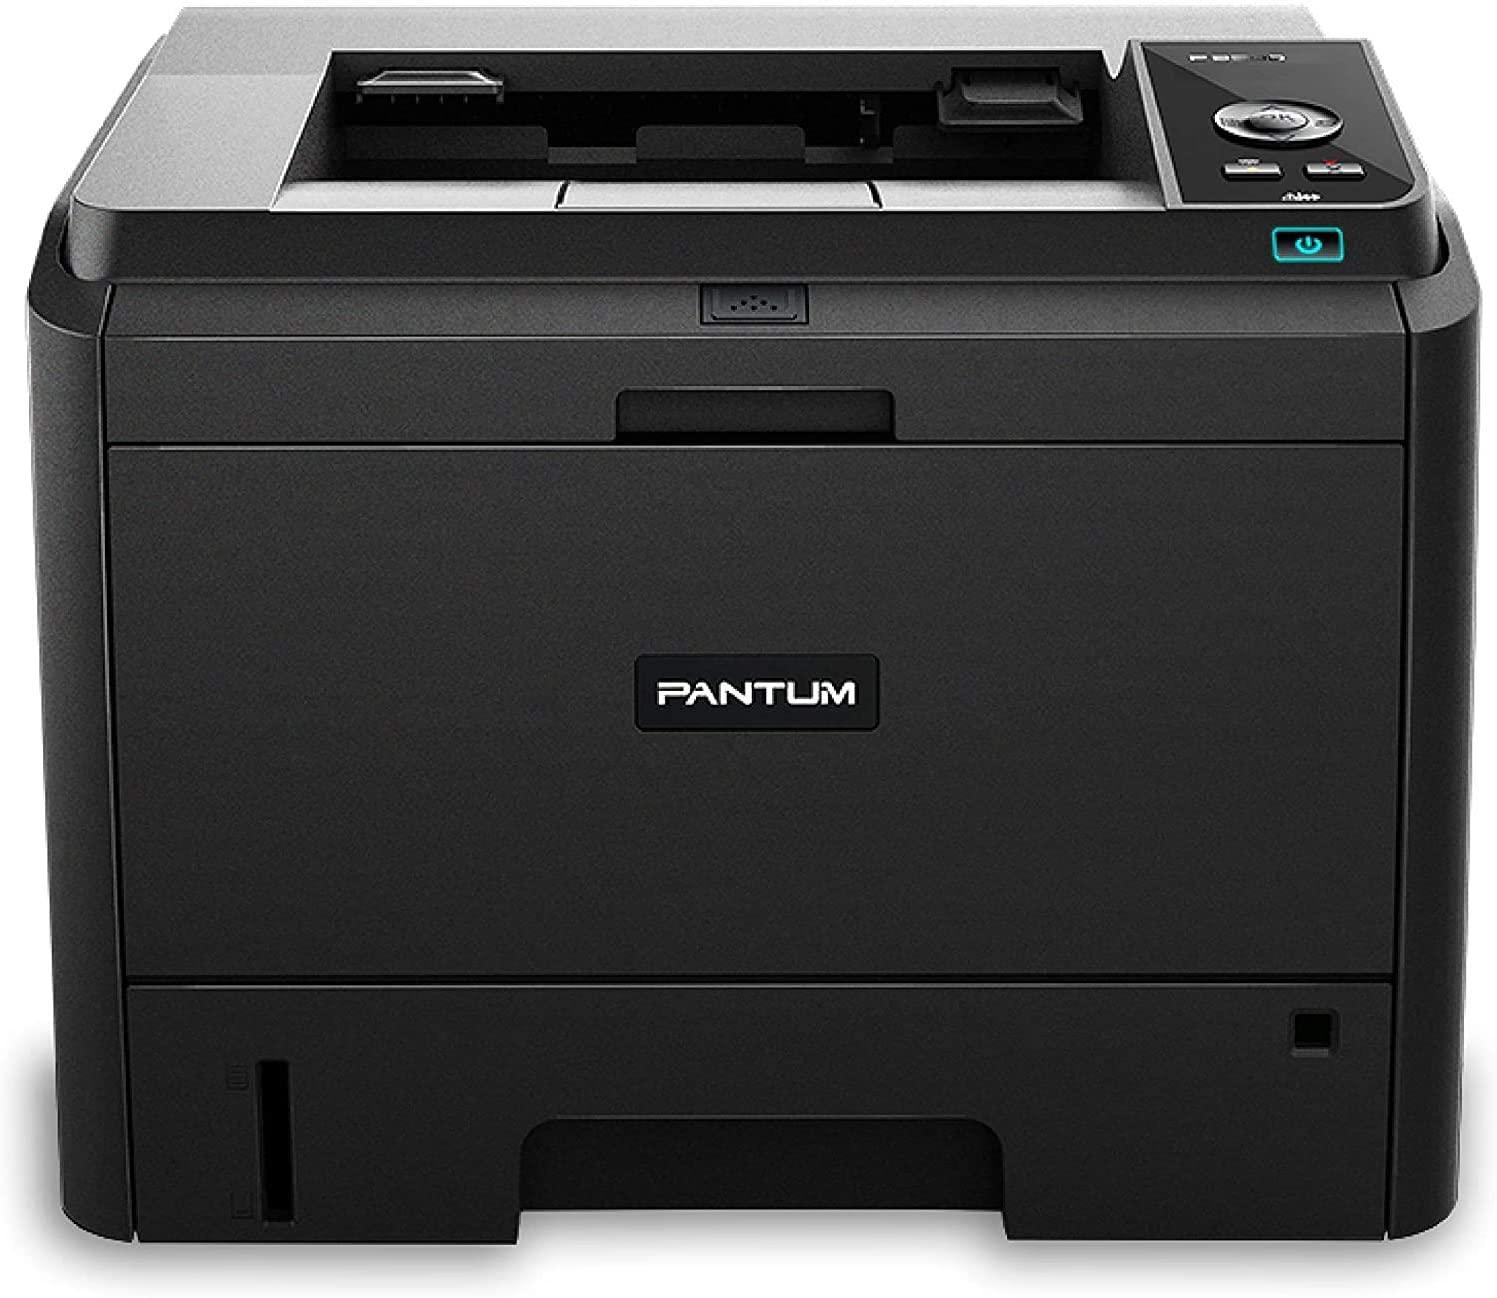 Pantum P3500DW Wireless A4 Mono Laser Printer Best Monochrome Laser Printers uk reviews